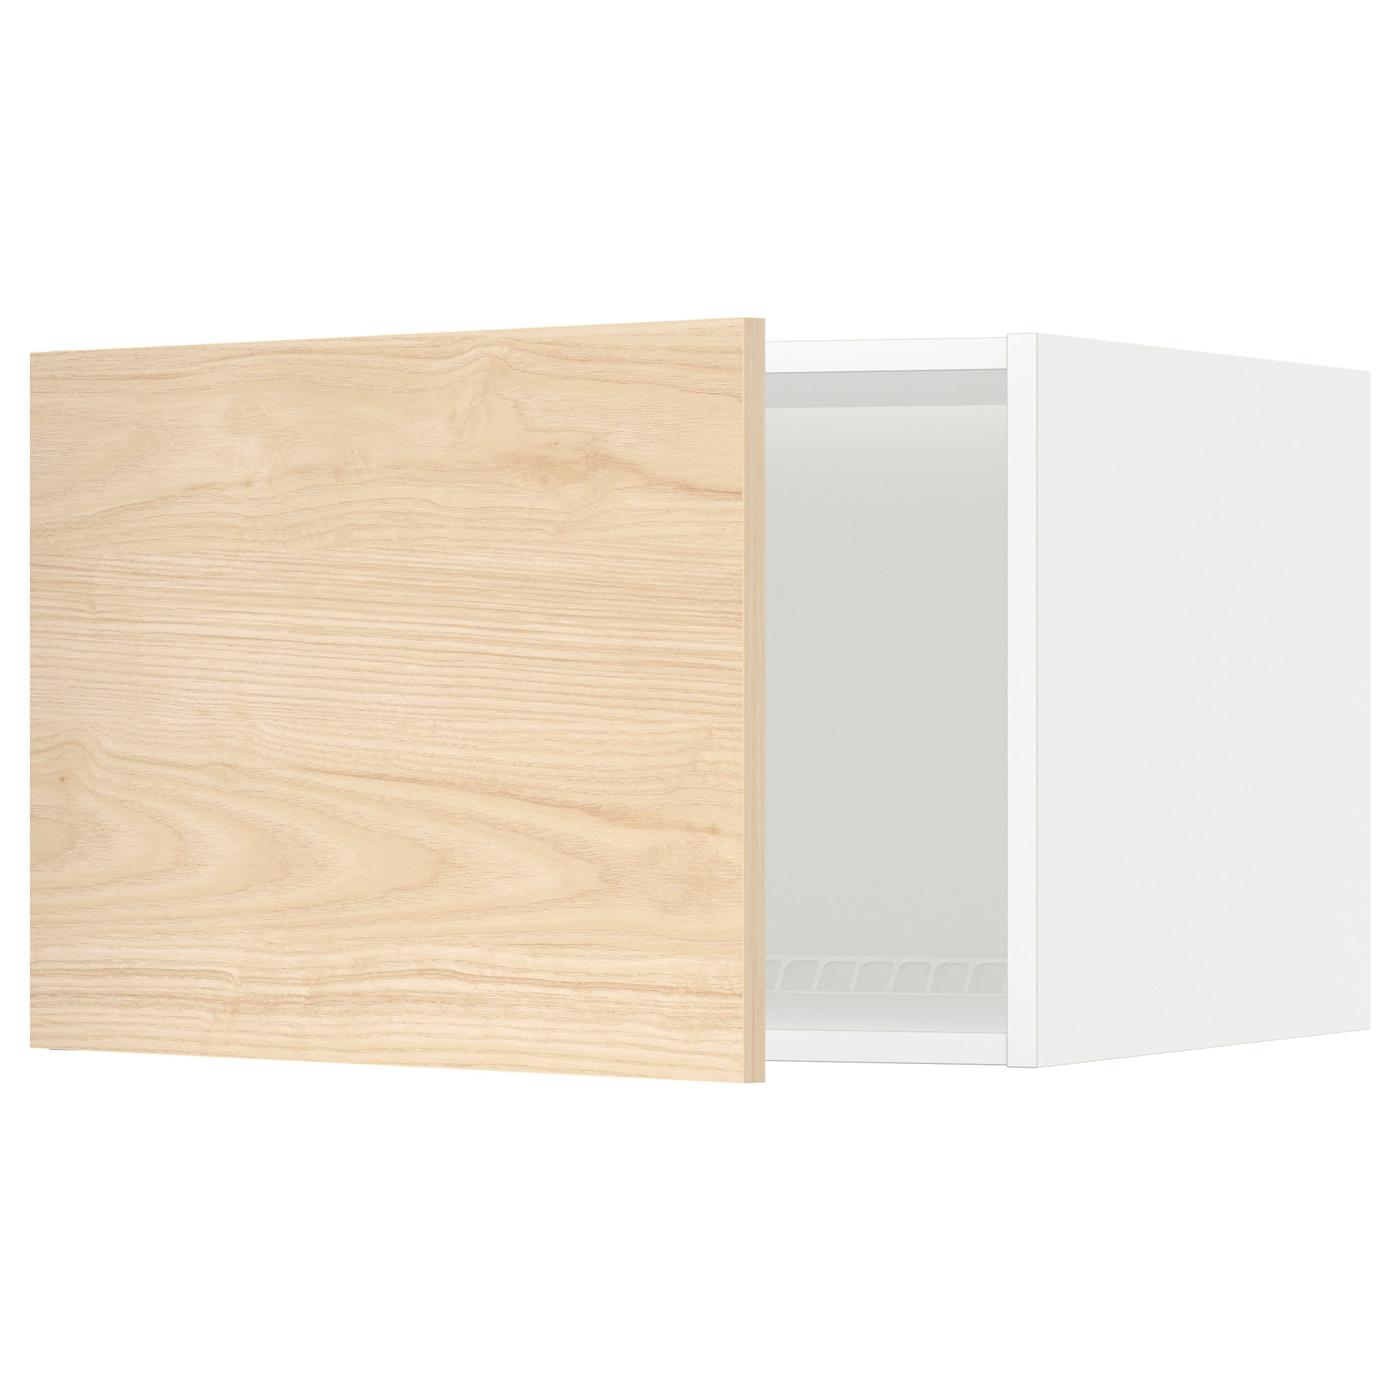 METOD | Küche und Esszimmer > Küchenschränke > Küchen-Hängeschränke | Weiß | IKEA